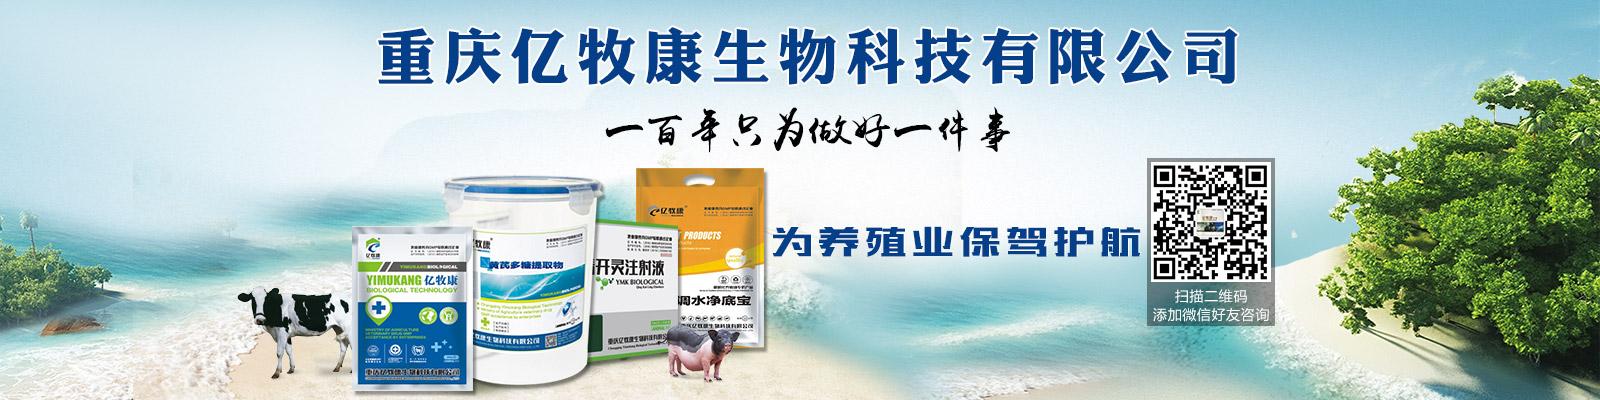 重庆亿牧康生物科技有限公司